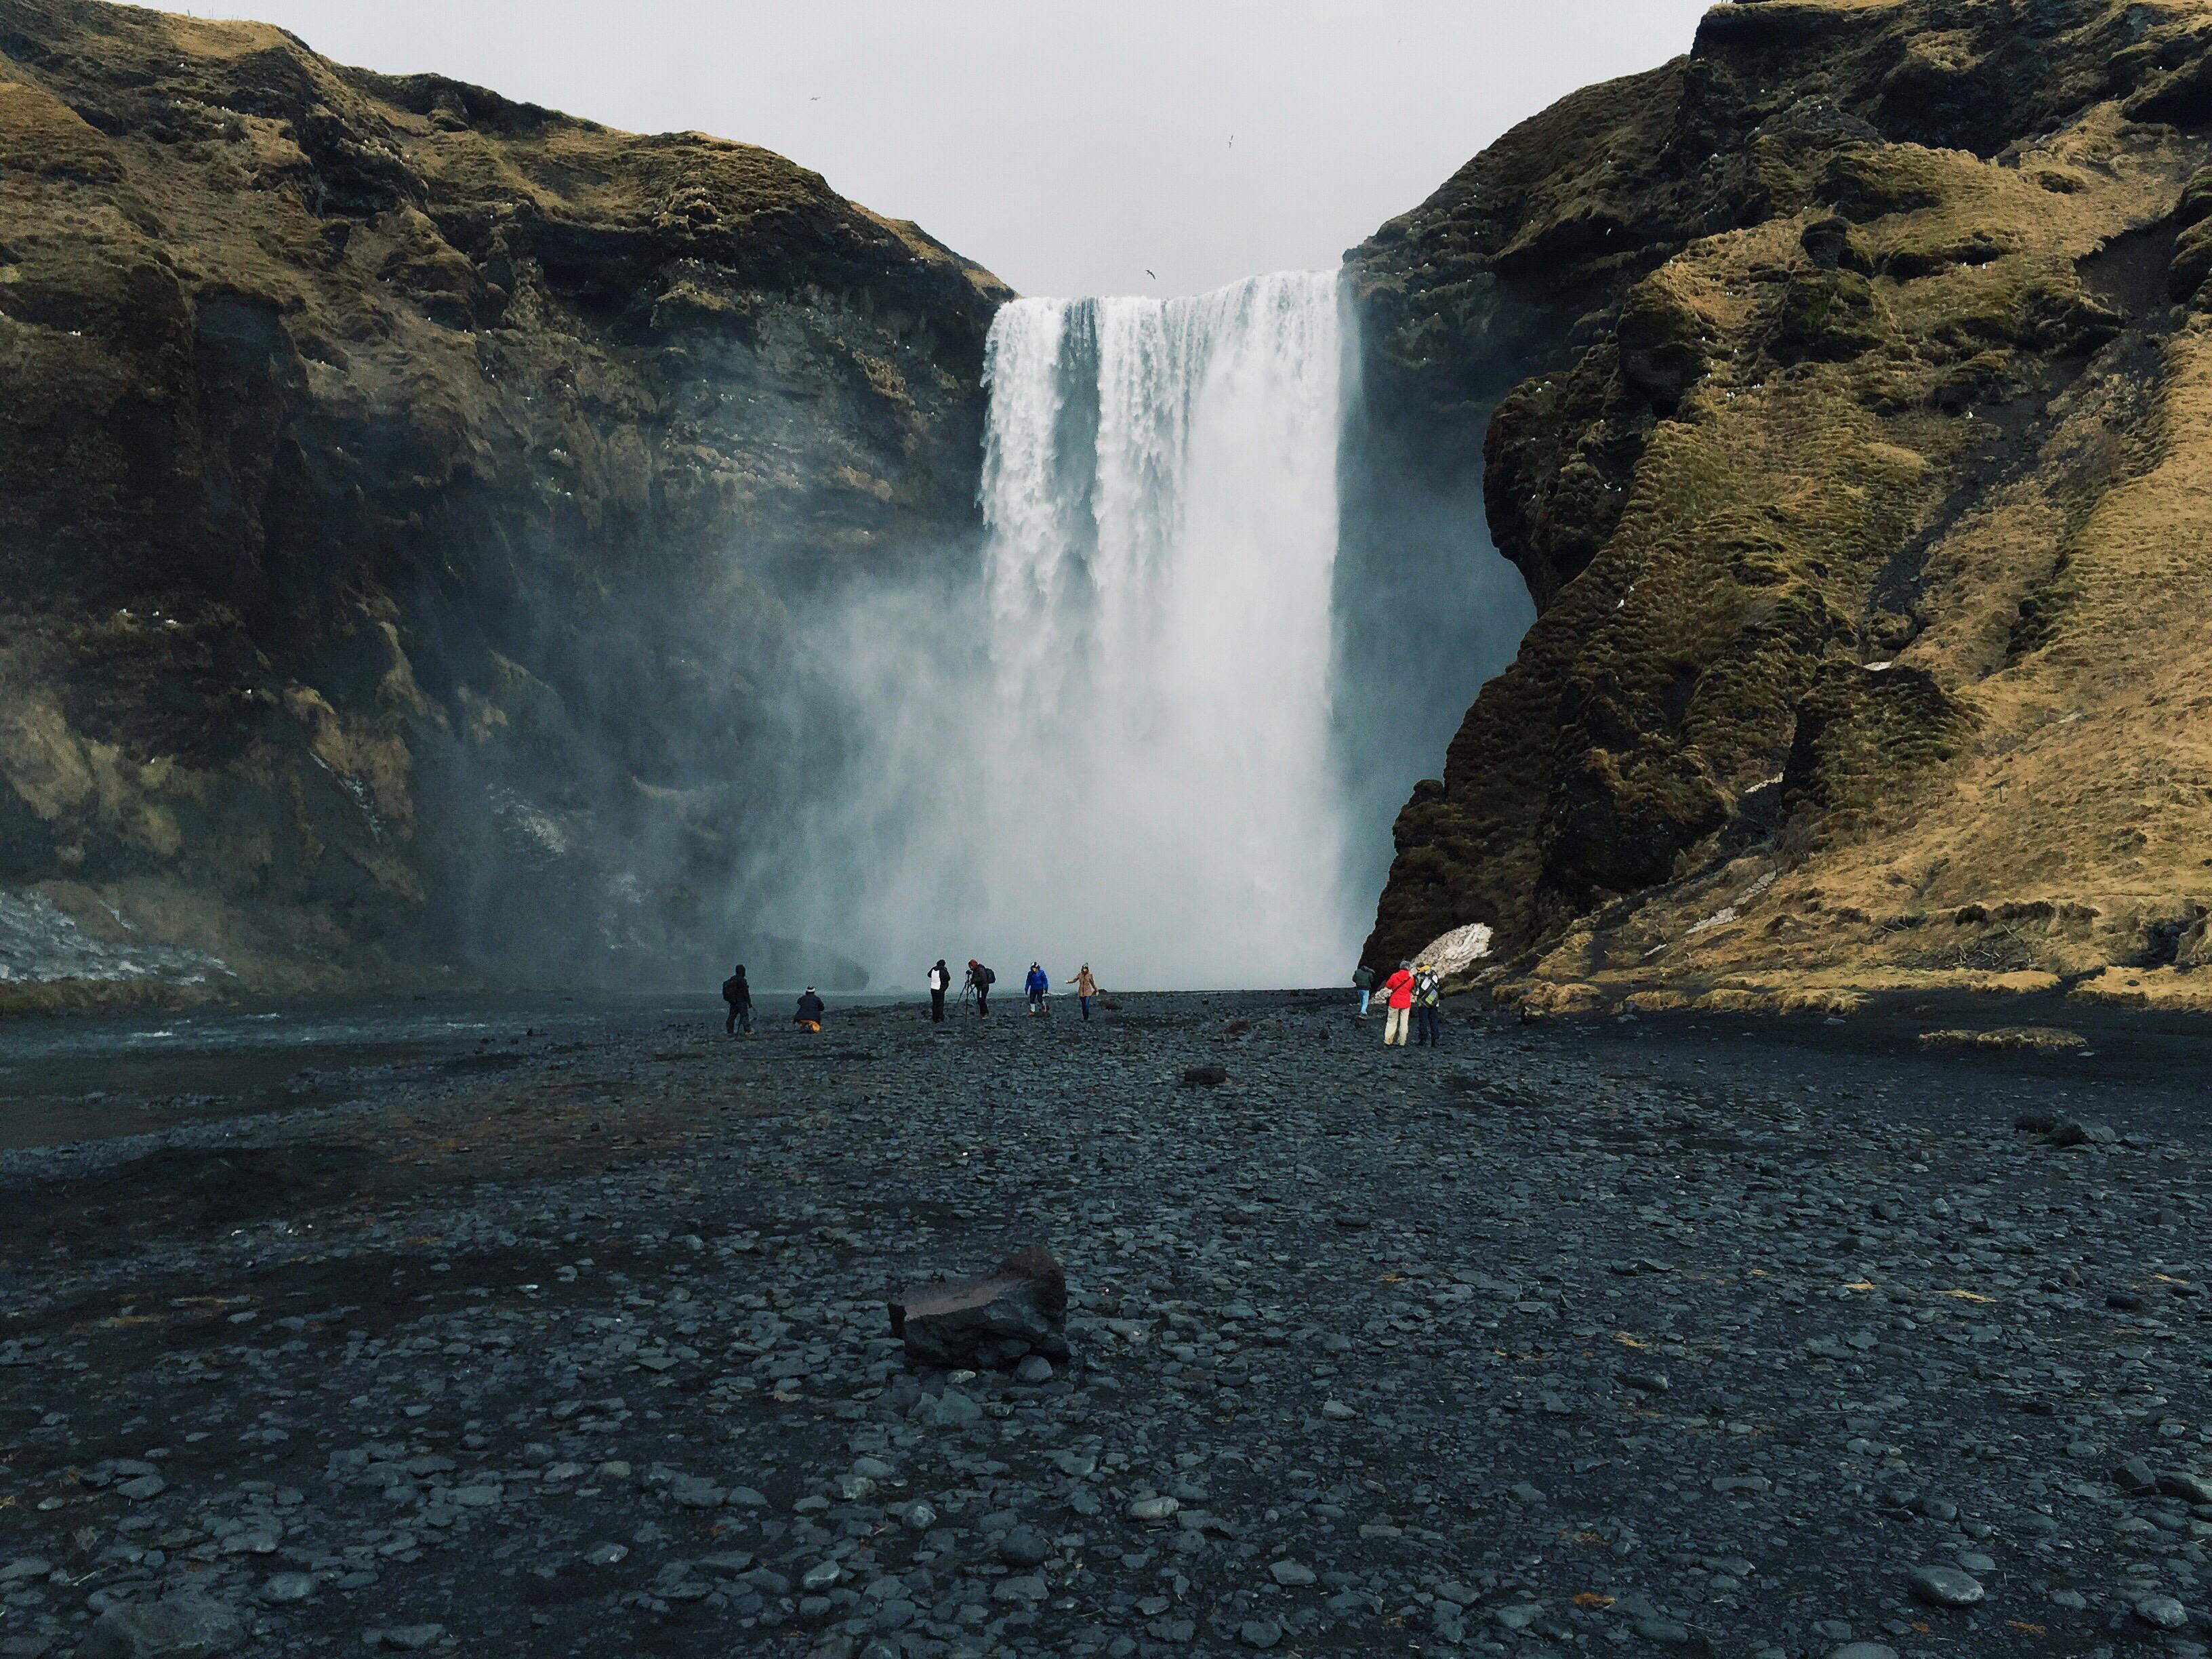 Величественный водопод Скогафосс одна из самых посещаемых природных достопримечательностей Исландии.